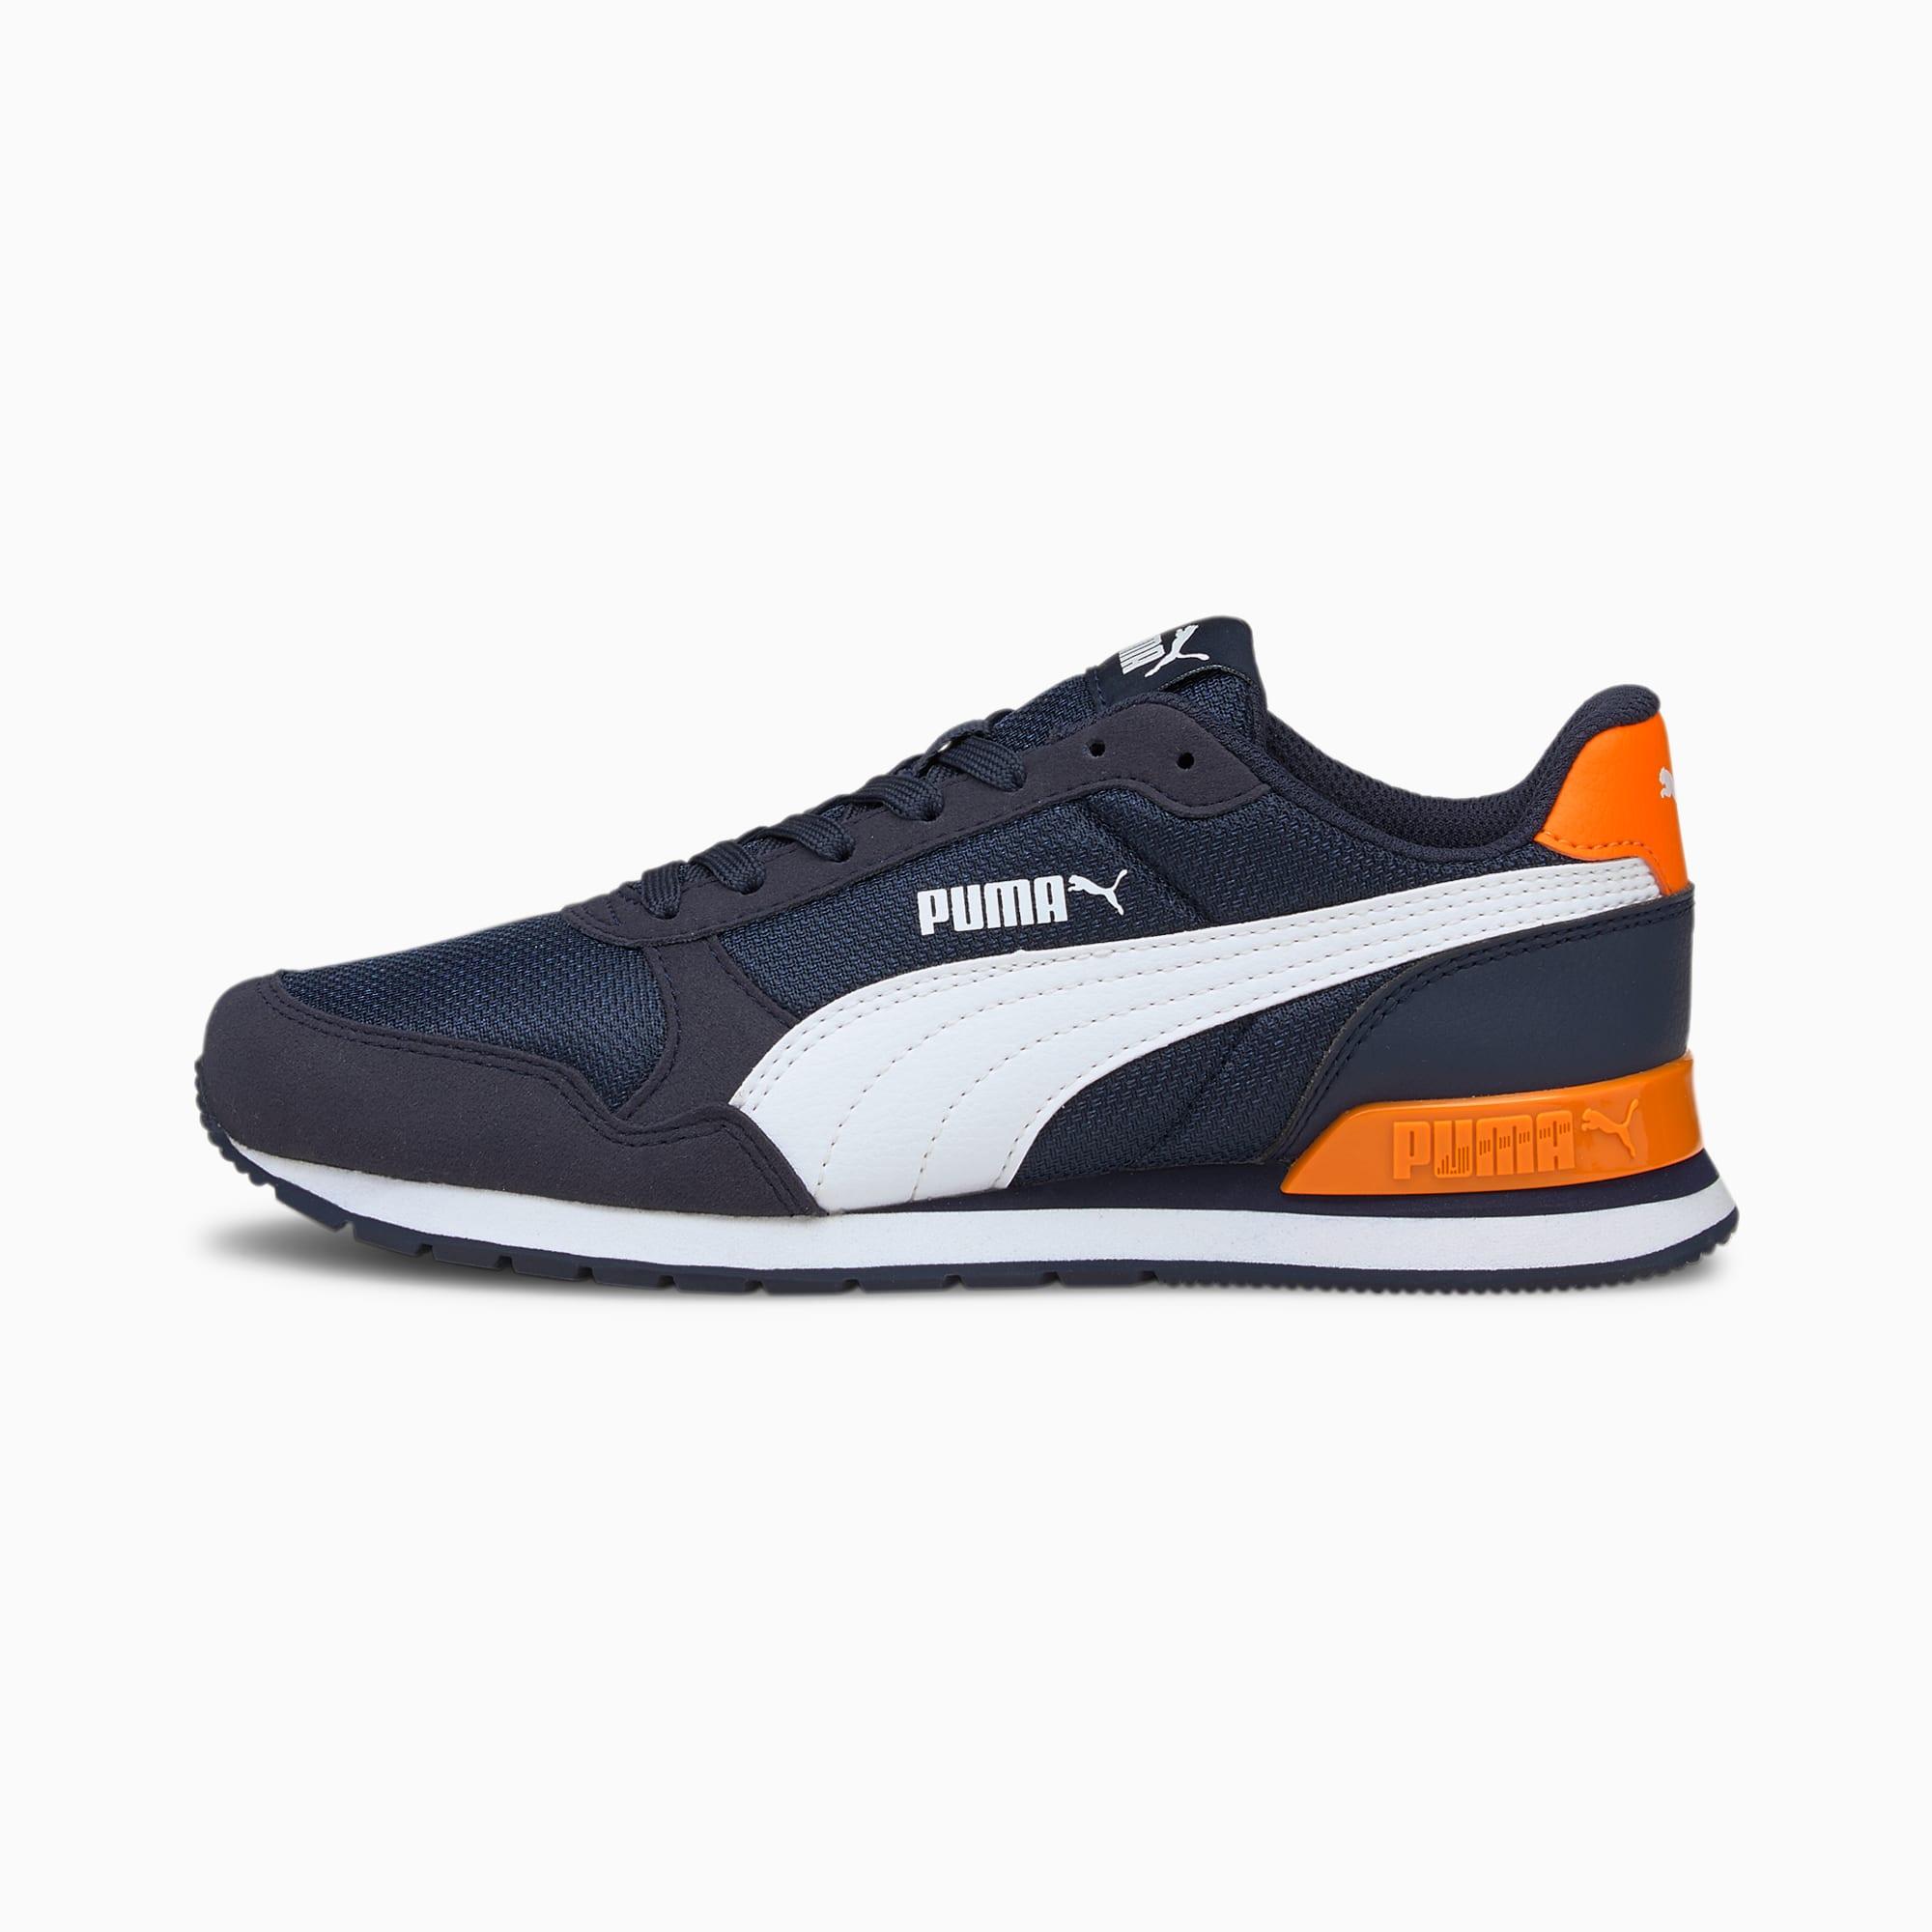 ST Runner v2 Mesh Sneakers JR, Peacoat-Puma White-Vibrant Orange, extralarge-IND